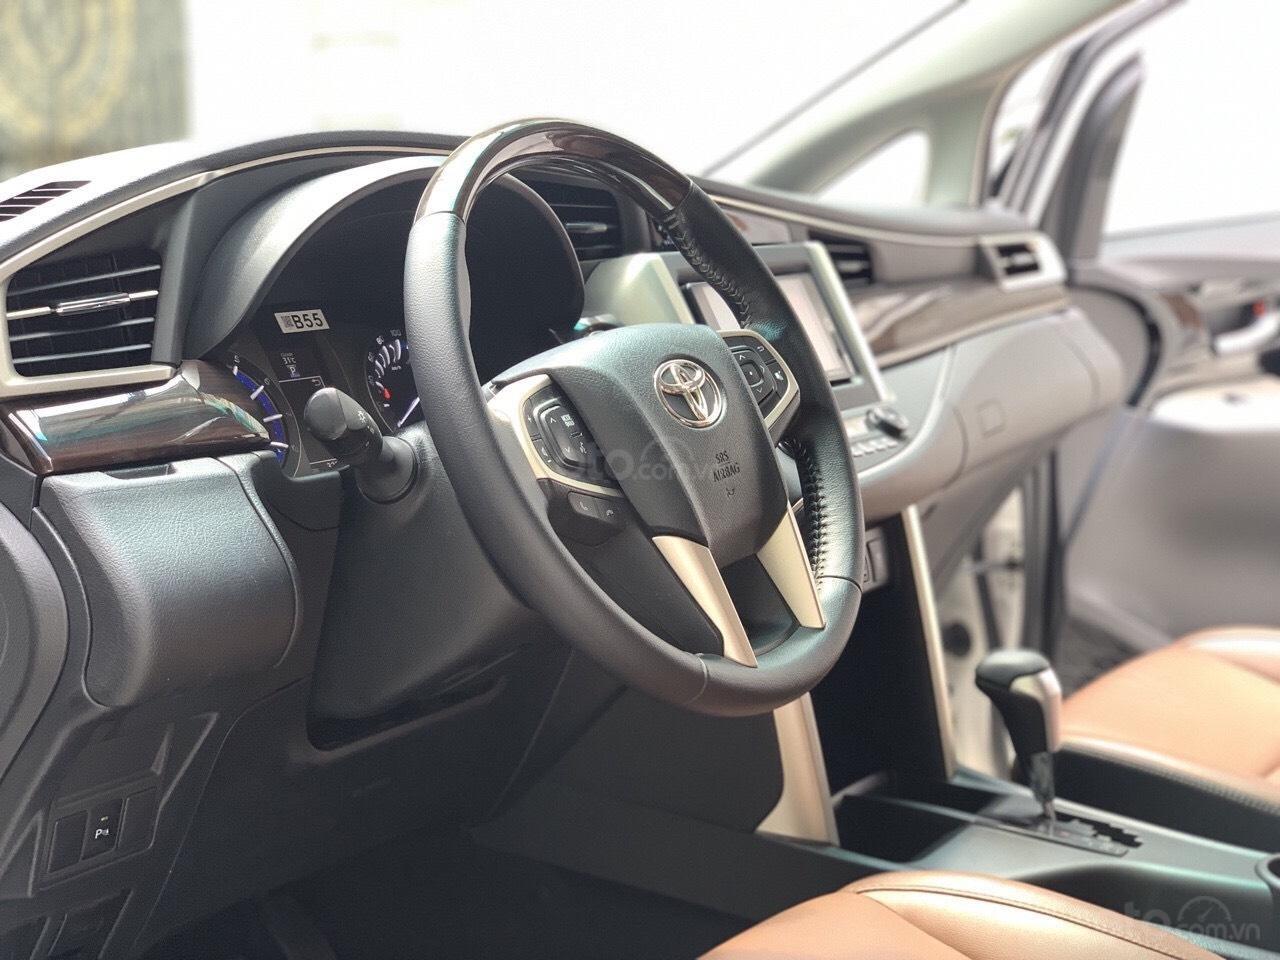 Bán Innova 2.0V sản xuất 2017, xe đẹp đi đúng 30.000km, bao kiểm tra tại hãng Toyota (4)